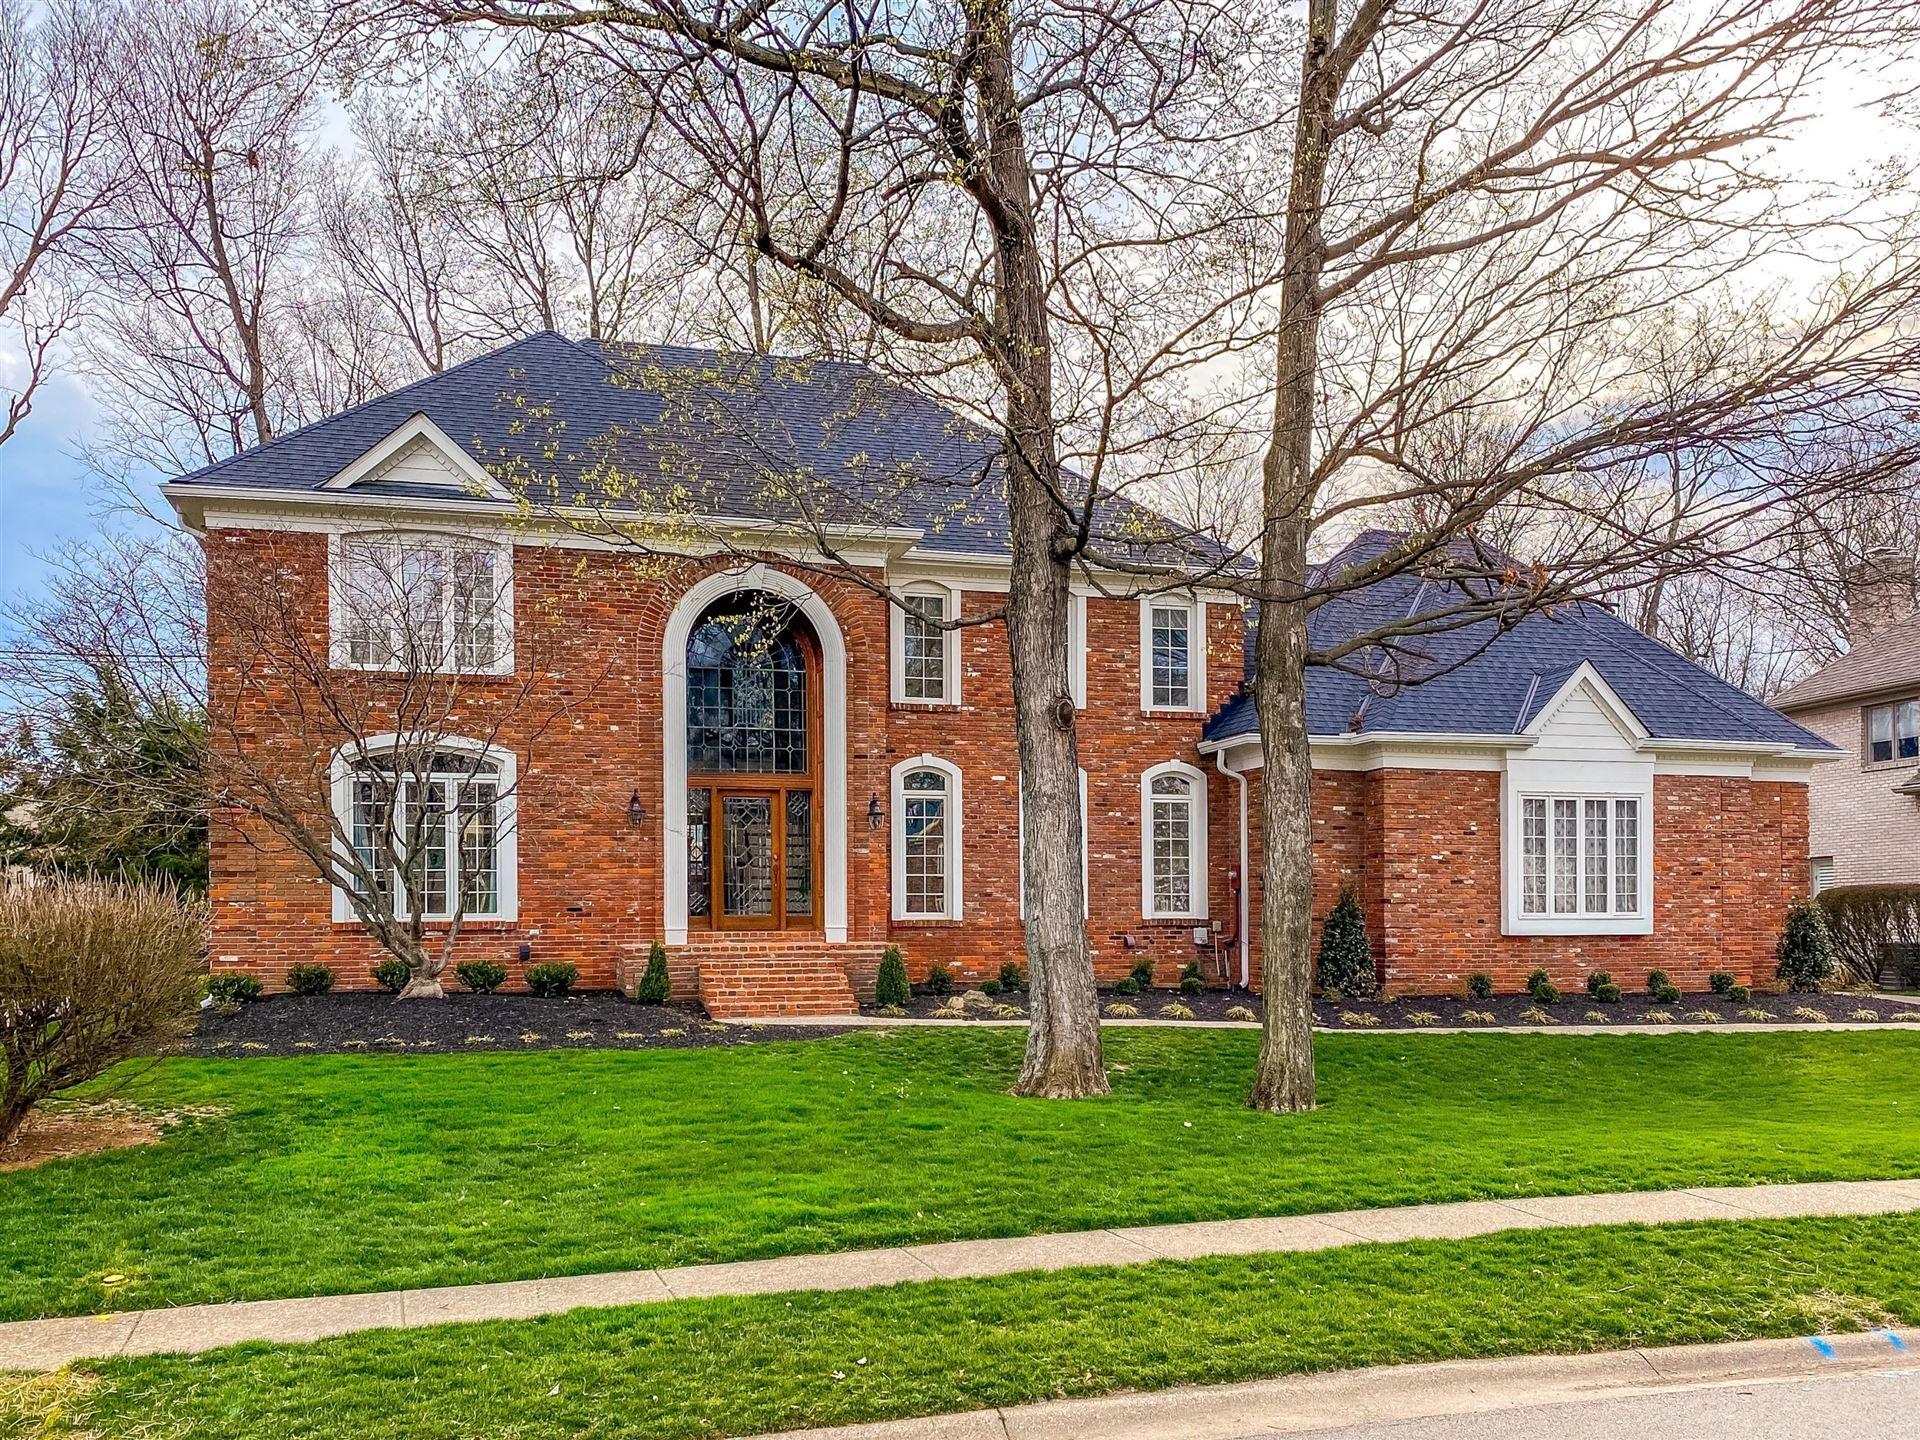 Photo for 1005 Oxmoor Woods Pkwy, Louisville, KY 40222 (MLS # 1582695)